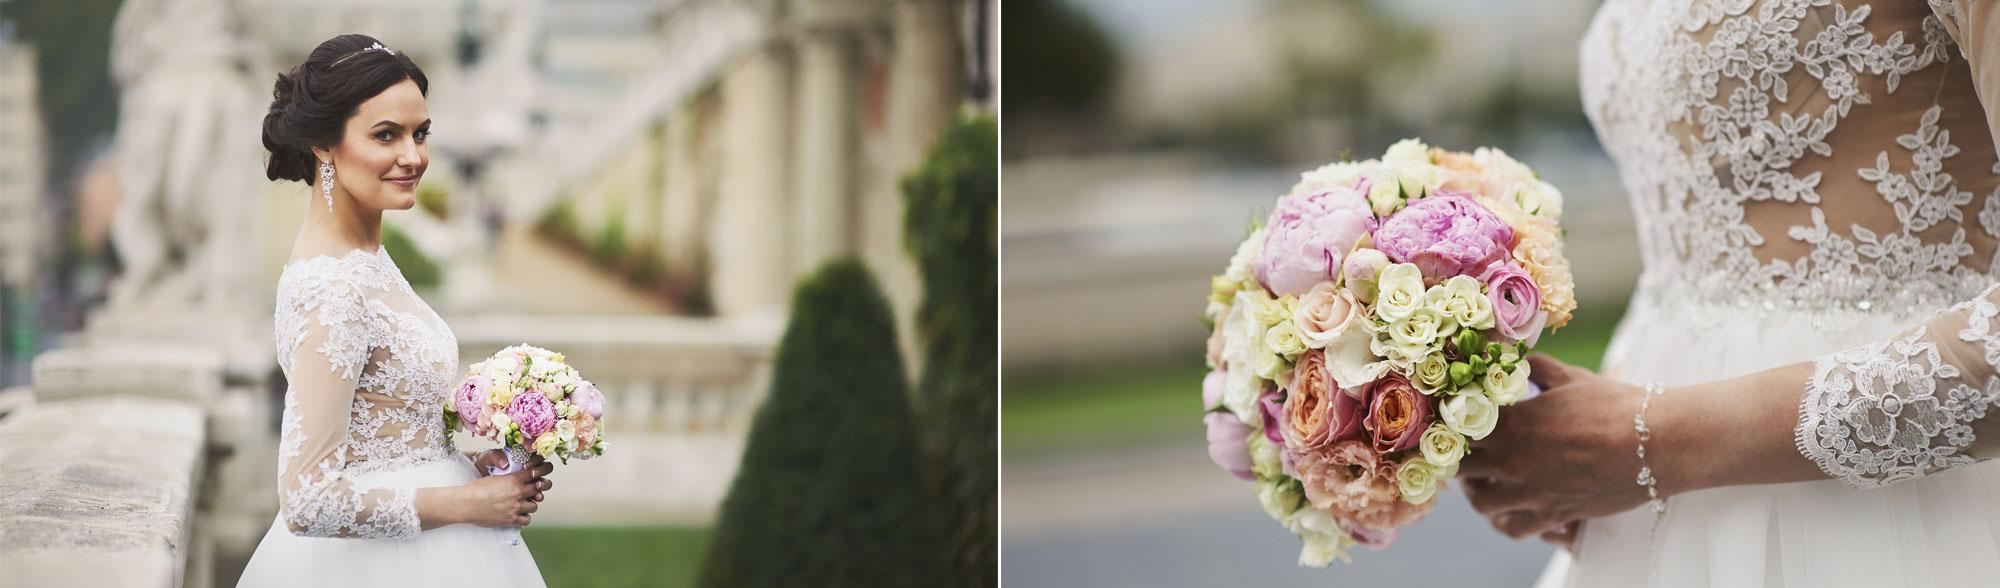 Menyasszony esküvői fotózás a Várkert Bazár kertjében